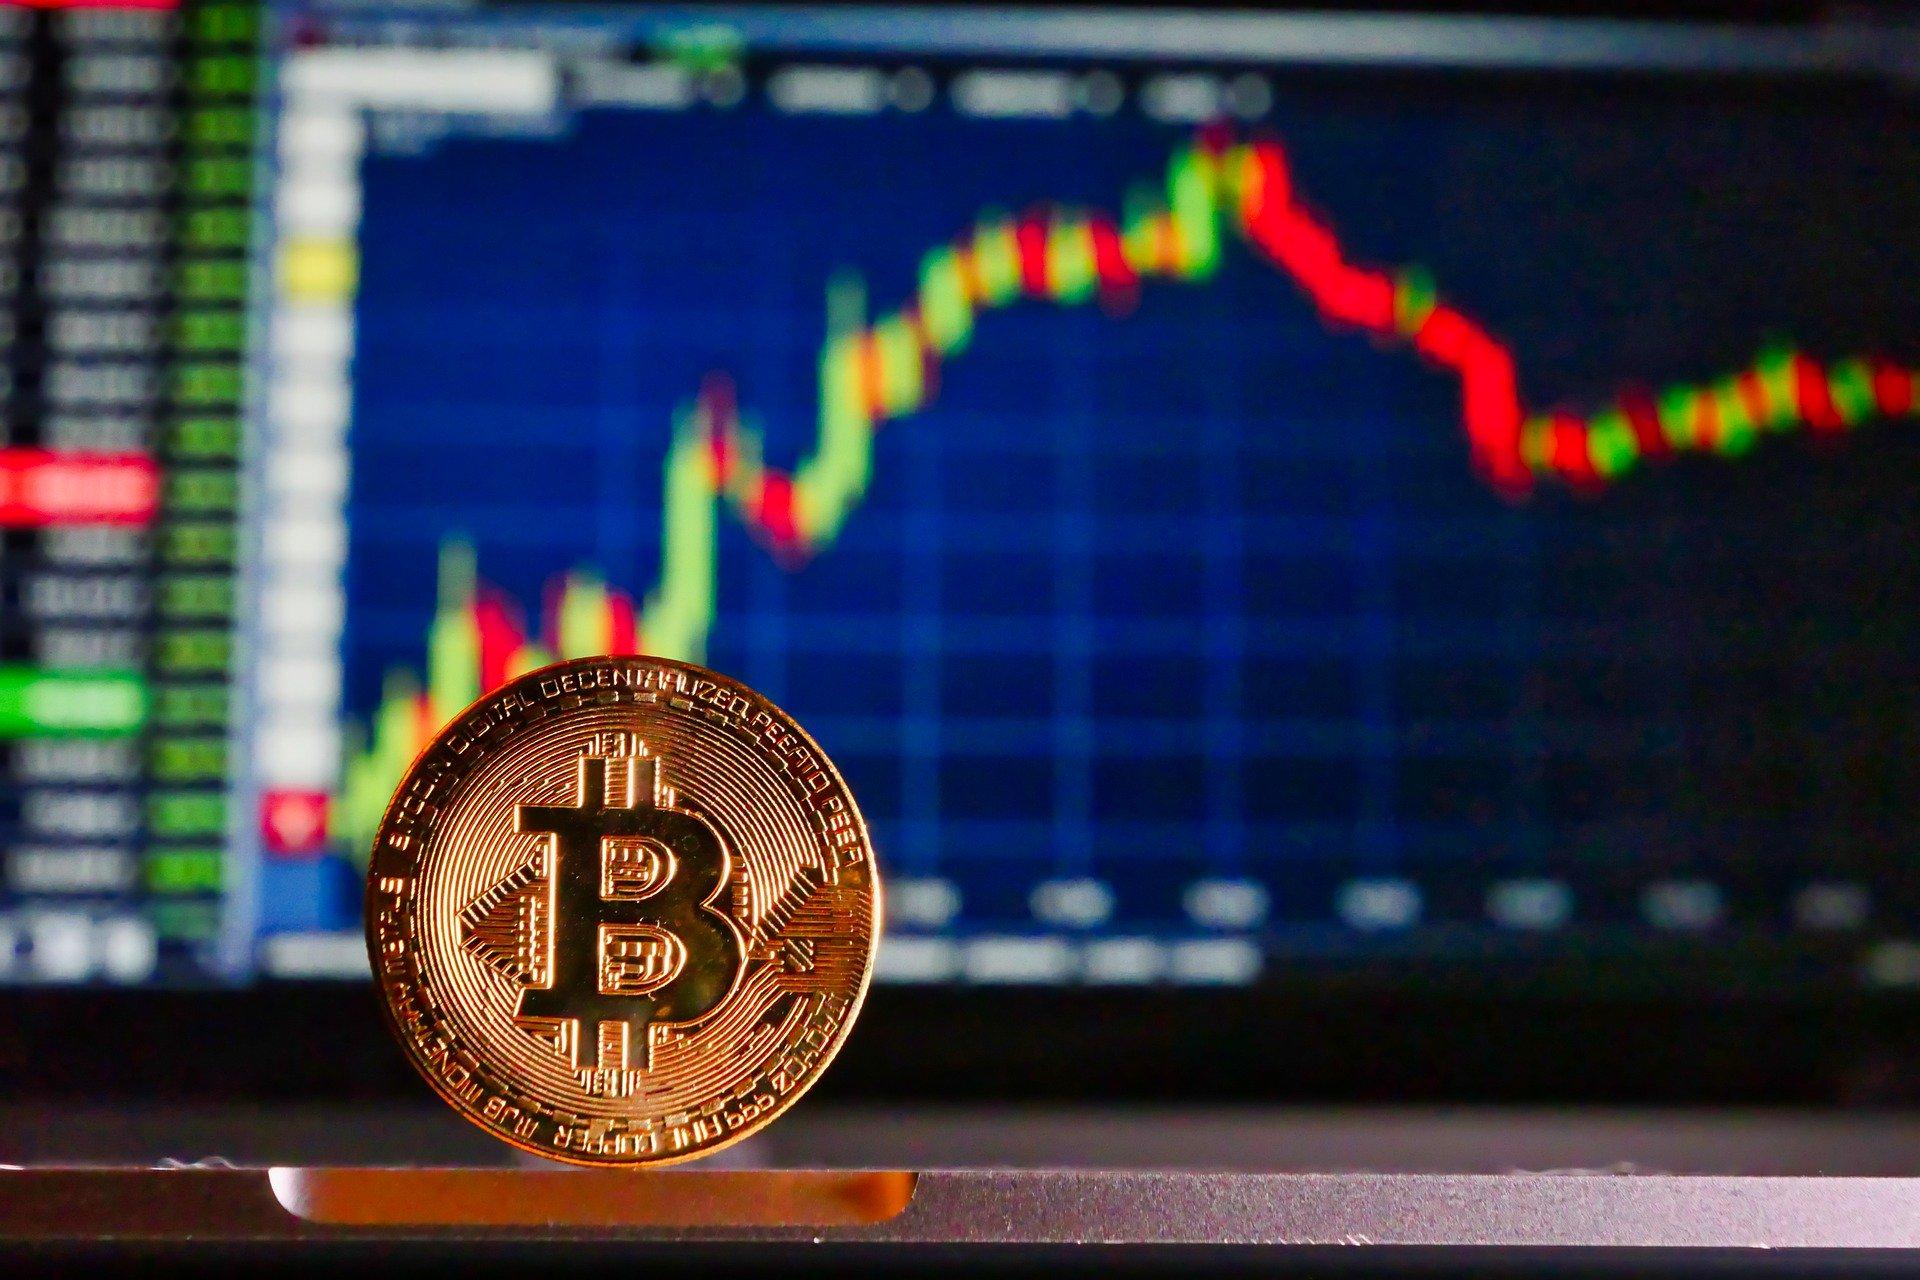 Kryptowährung: Deutsches Unternehmen verwendete Pyramidenschema